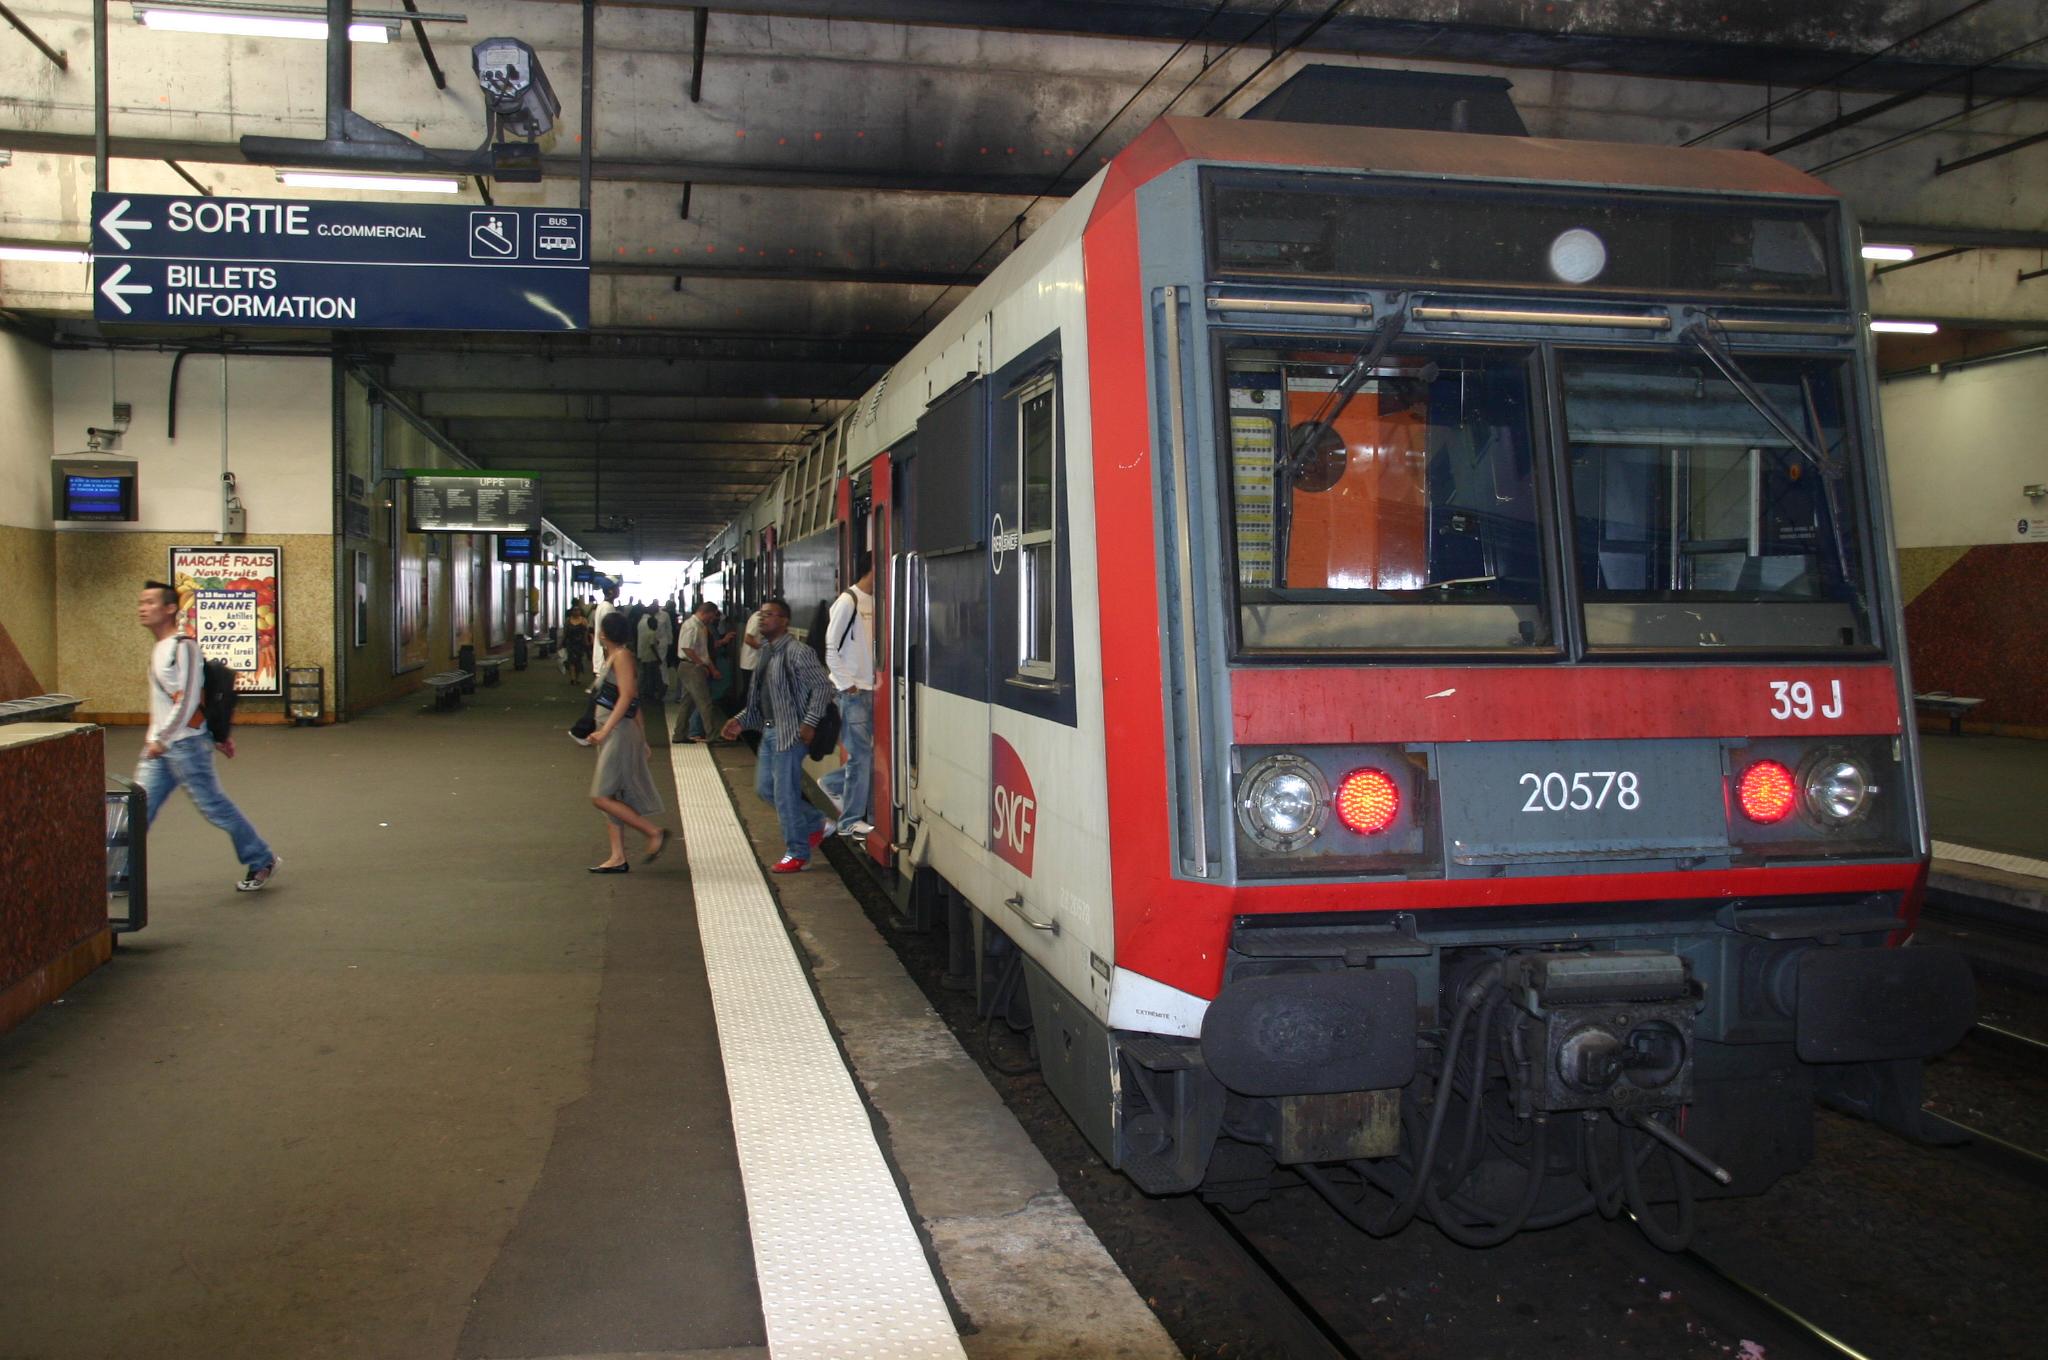 File:Gare de Grigny IMG 2234.JPG